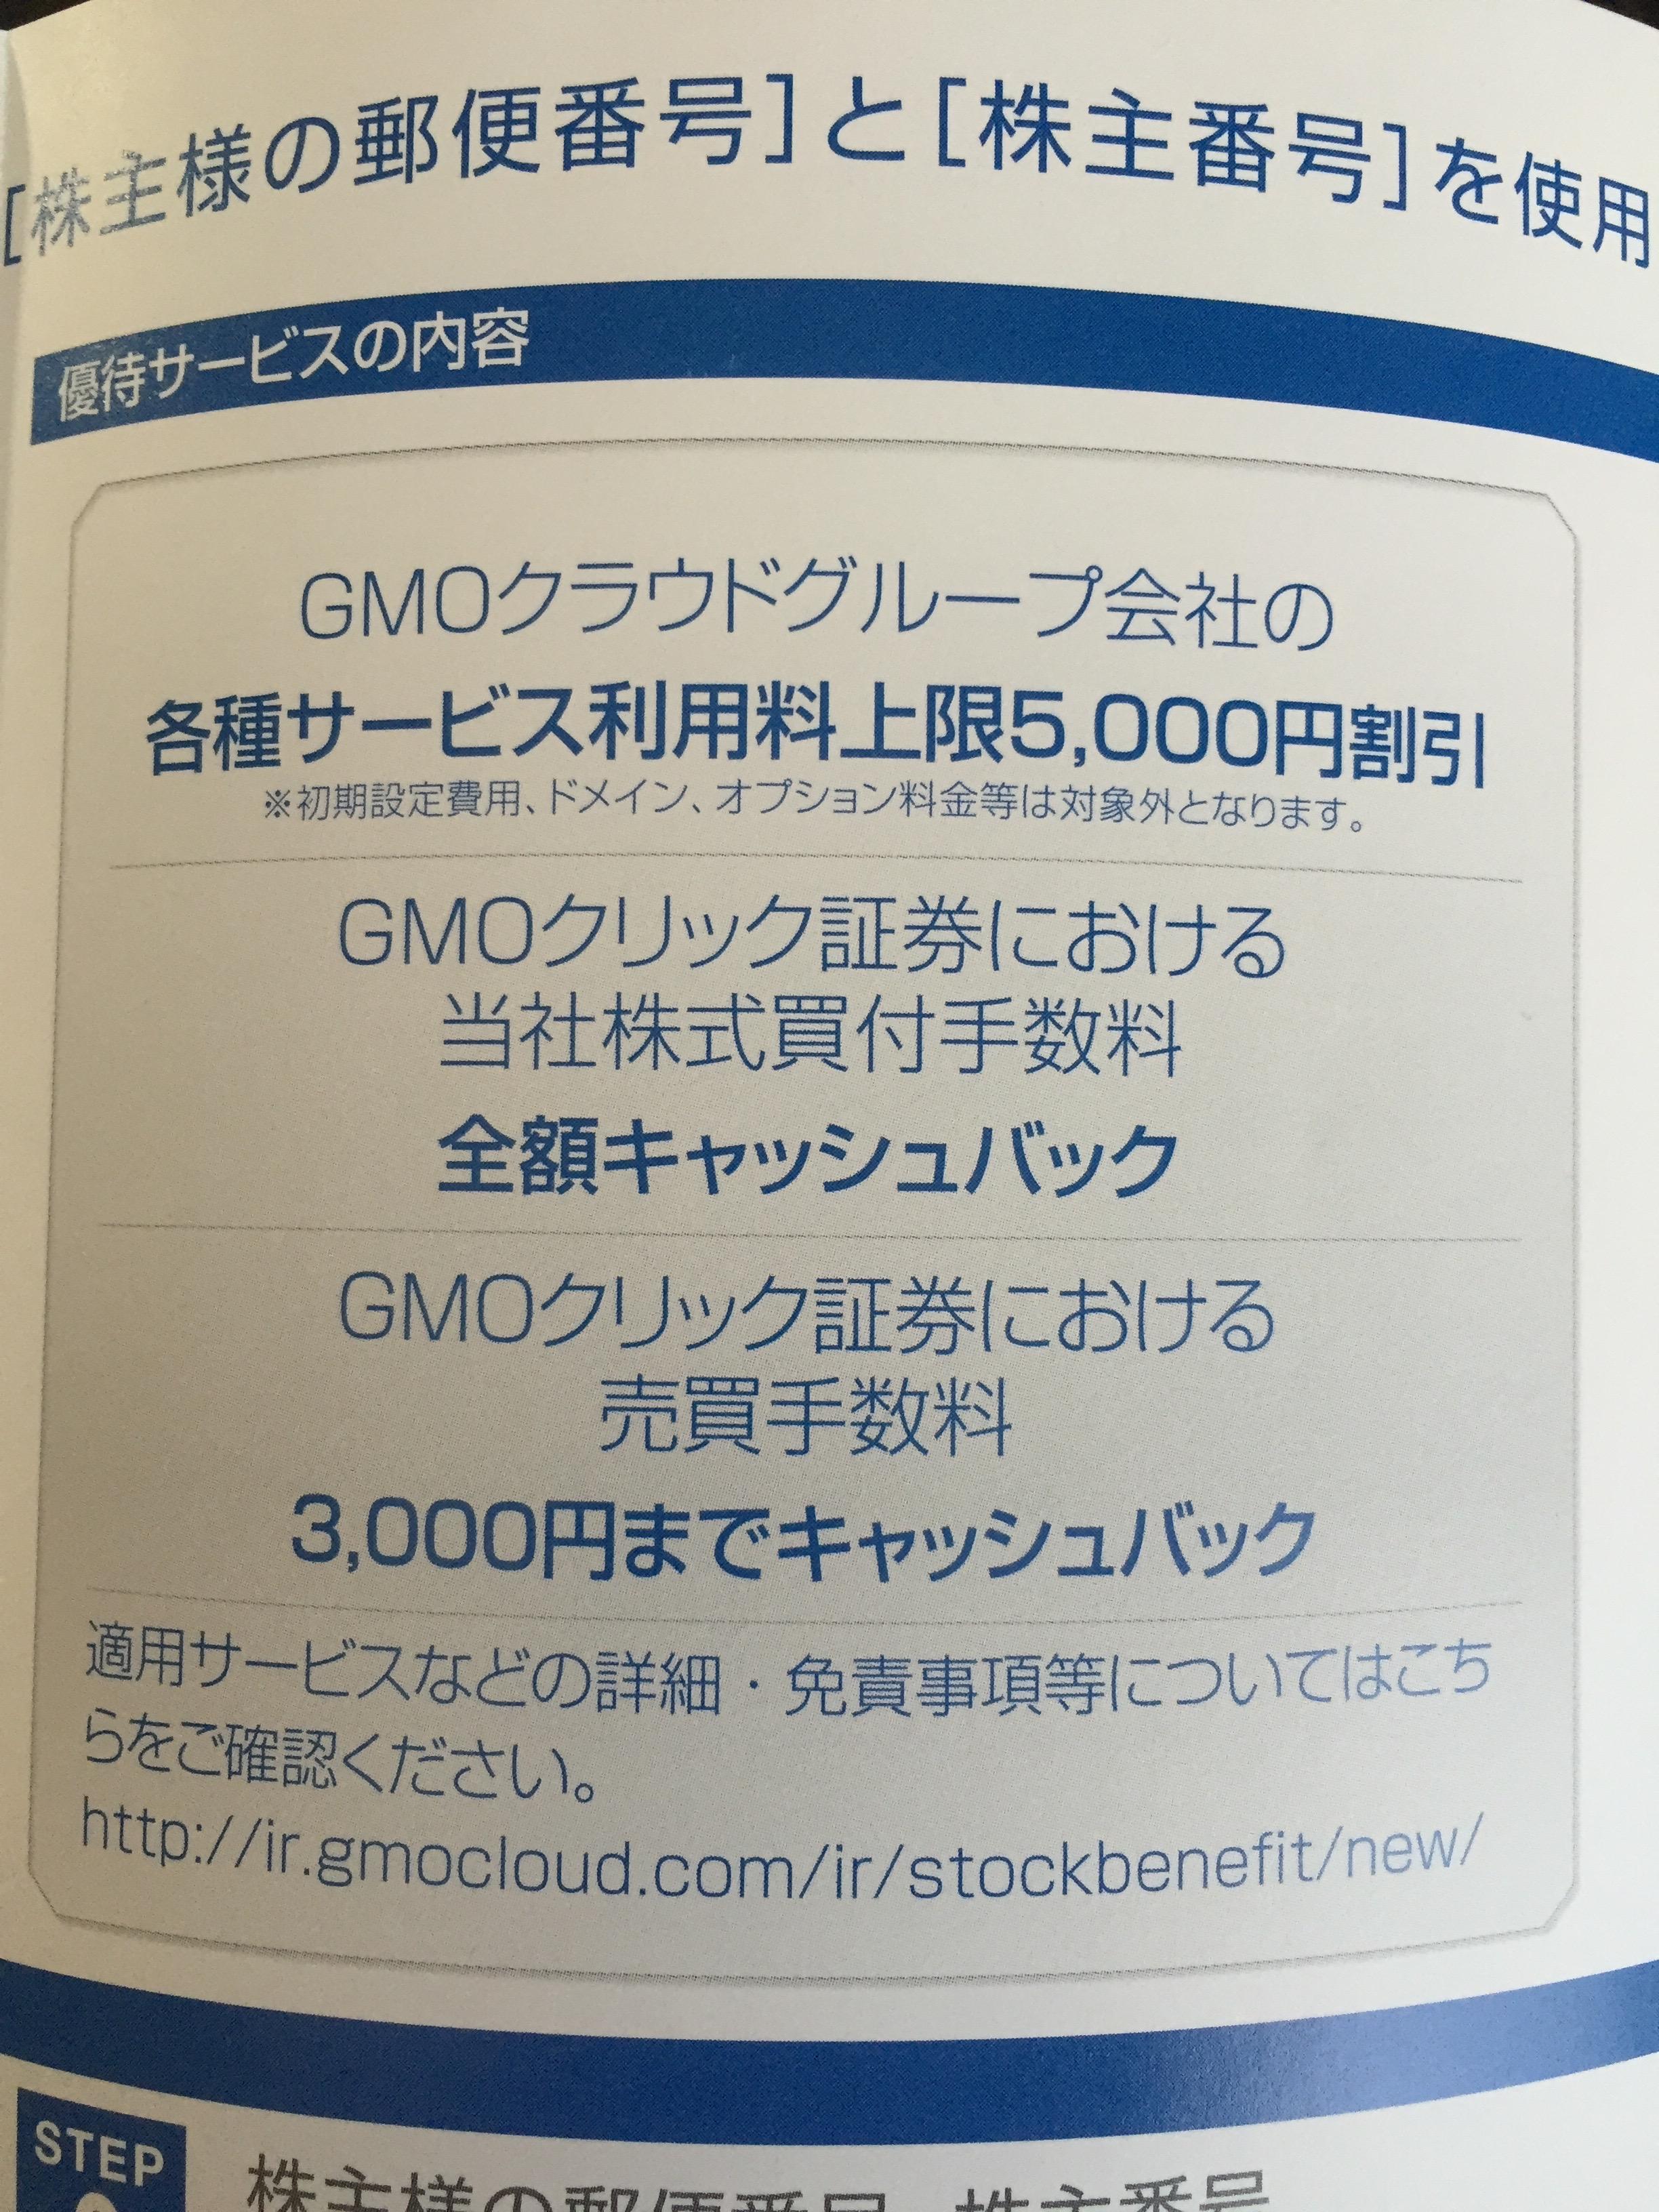 GMOクラウド(3788)から株主優待が到着!! 優待改悪で次はゲットできないかも…